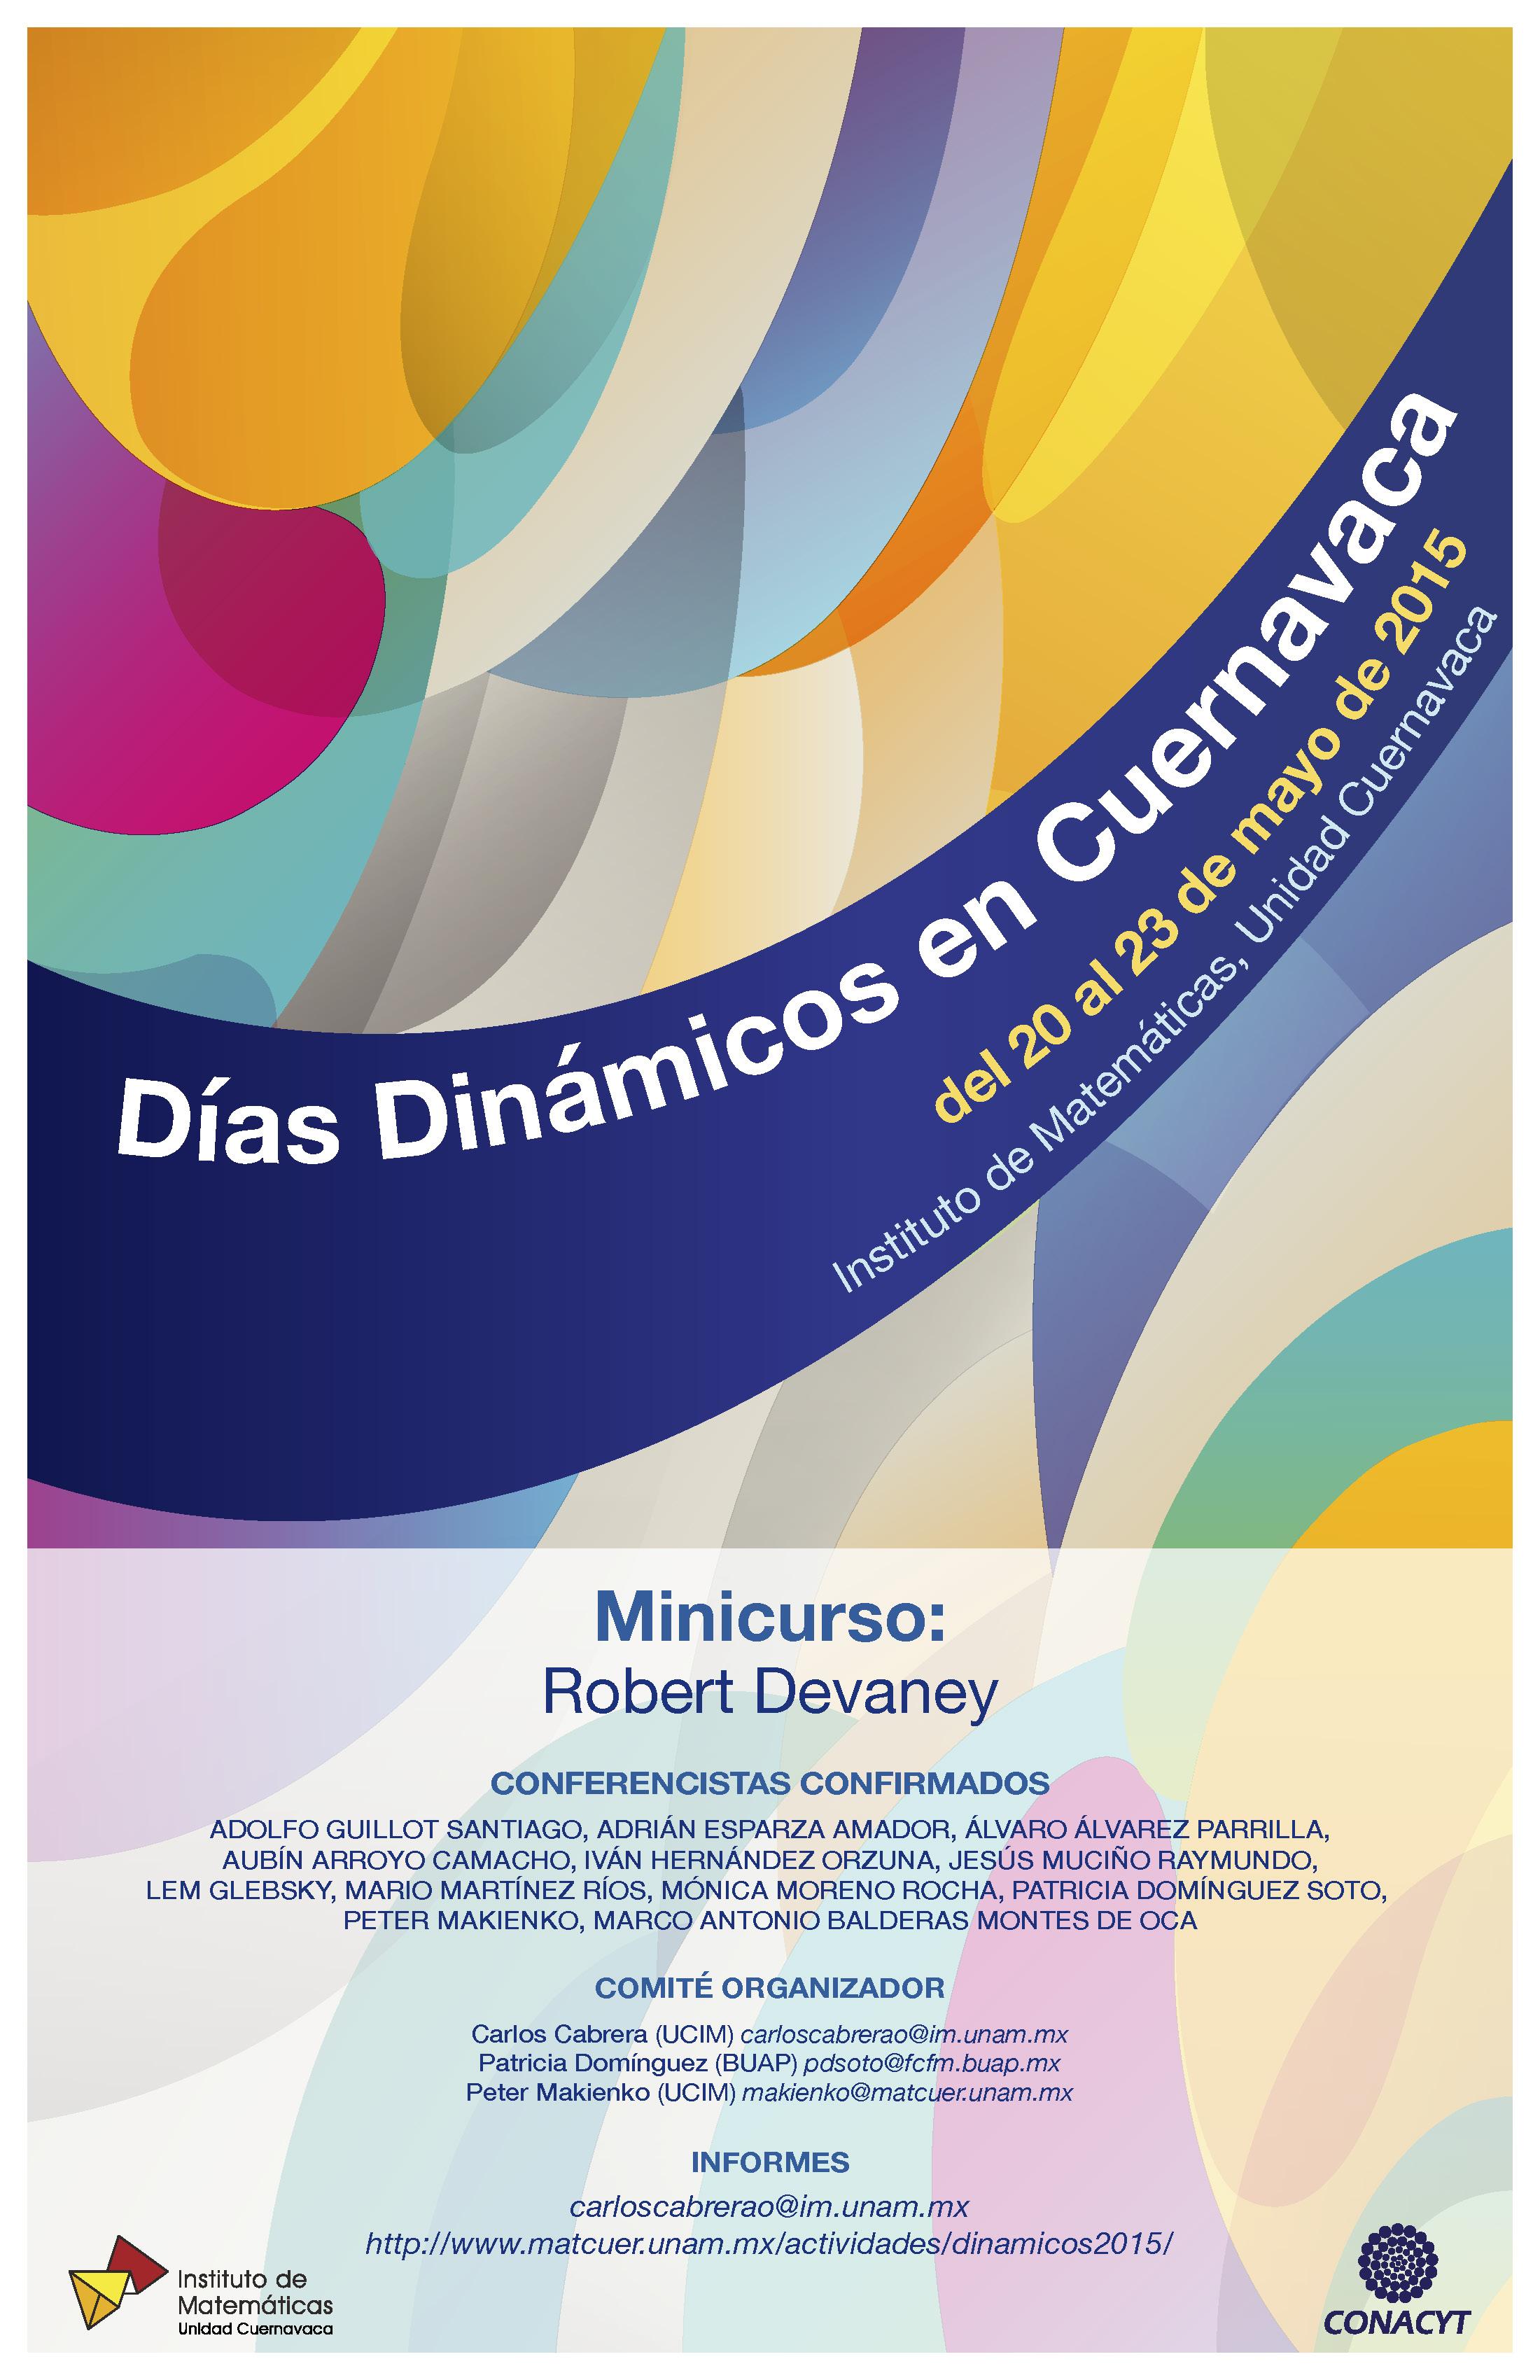 Taller: Días Dinámicos en Cuernavaca, 2015